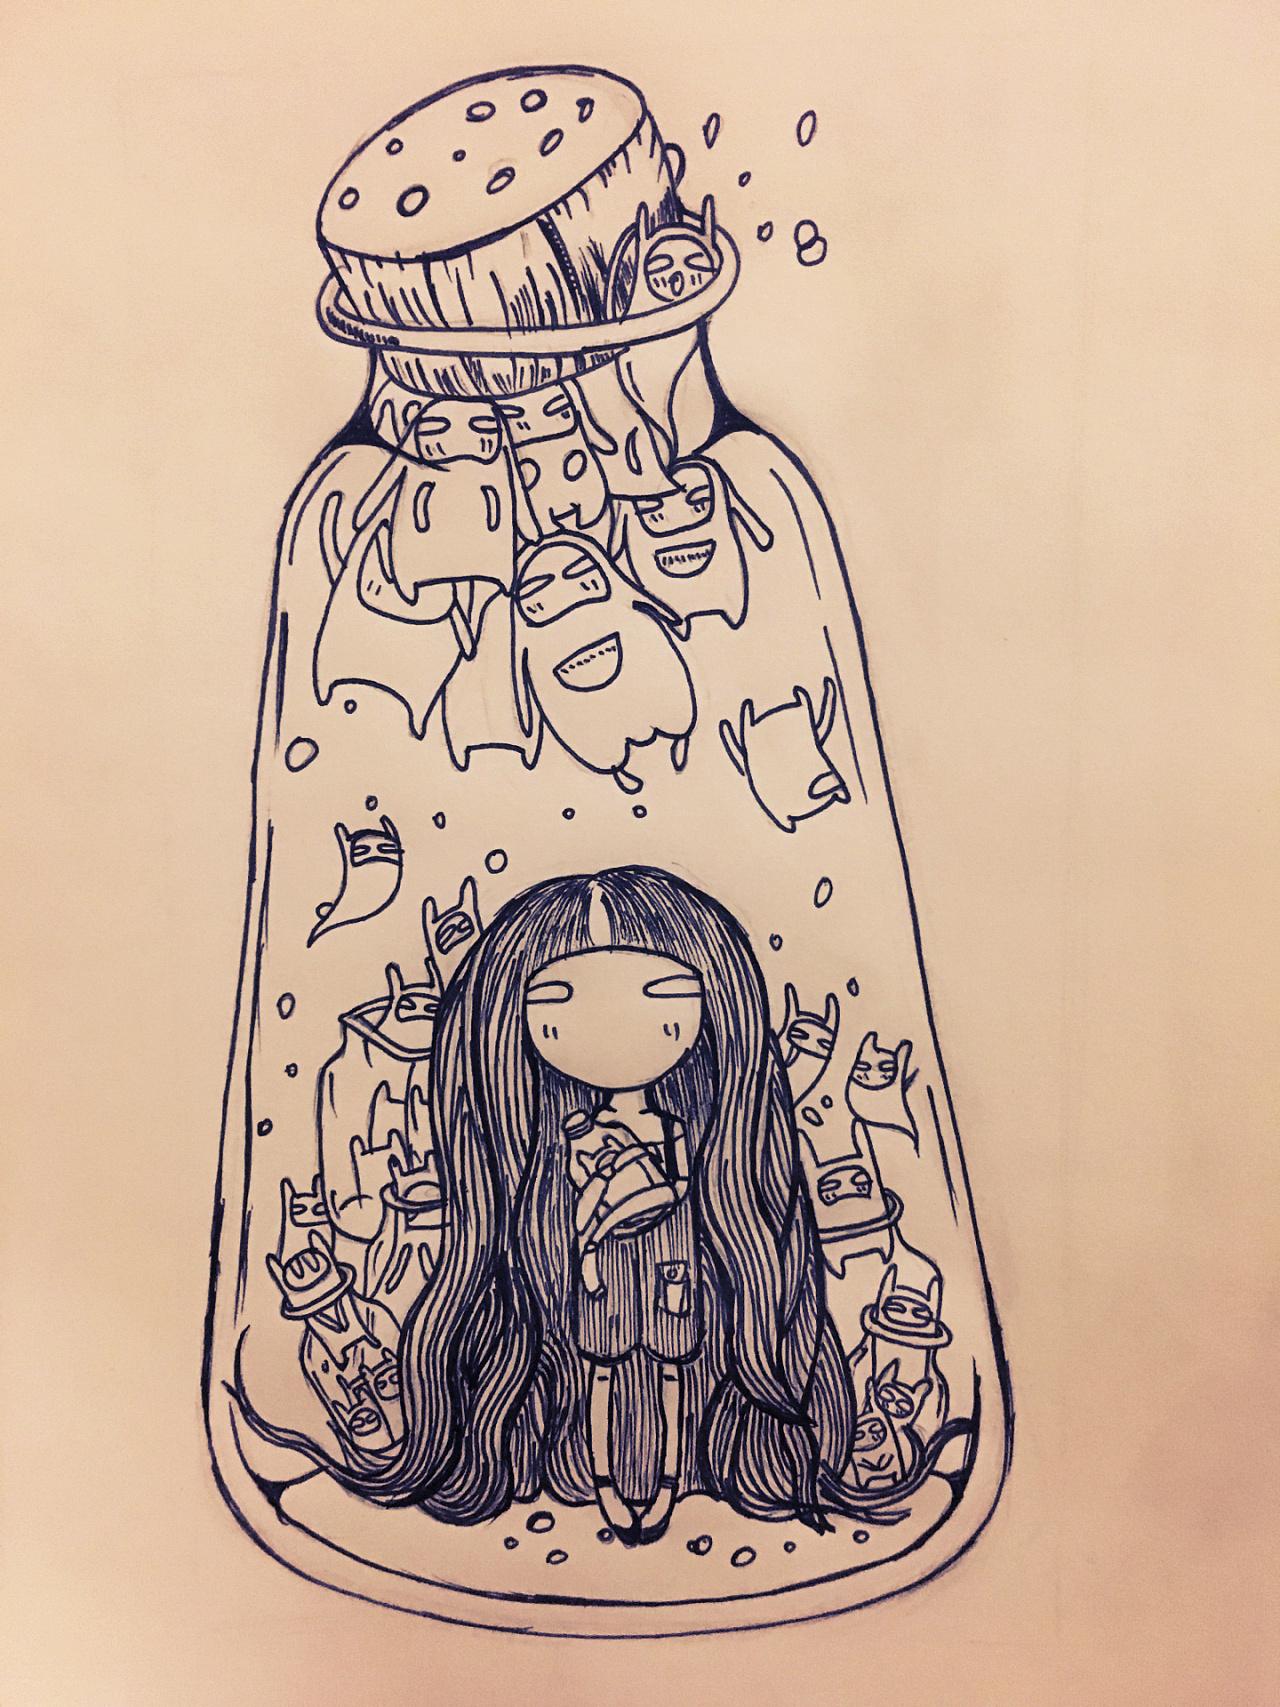 瓶子里的小女孩